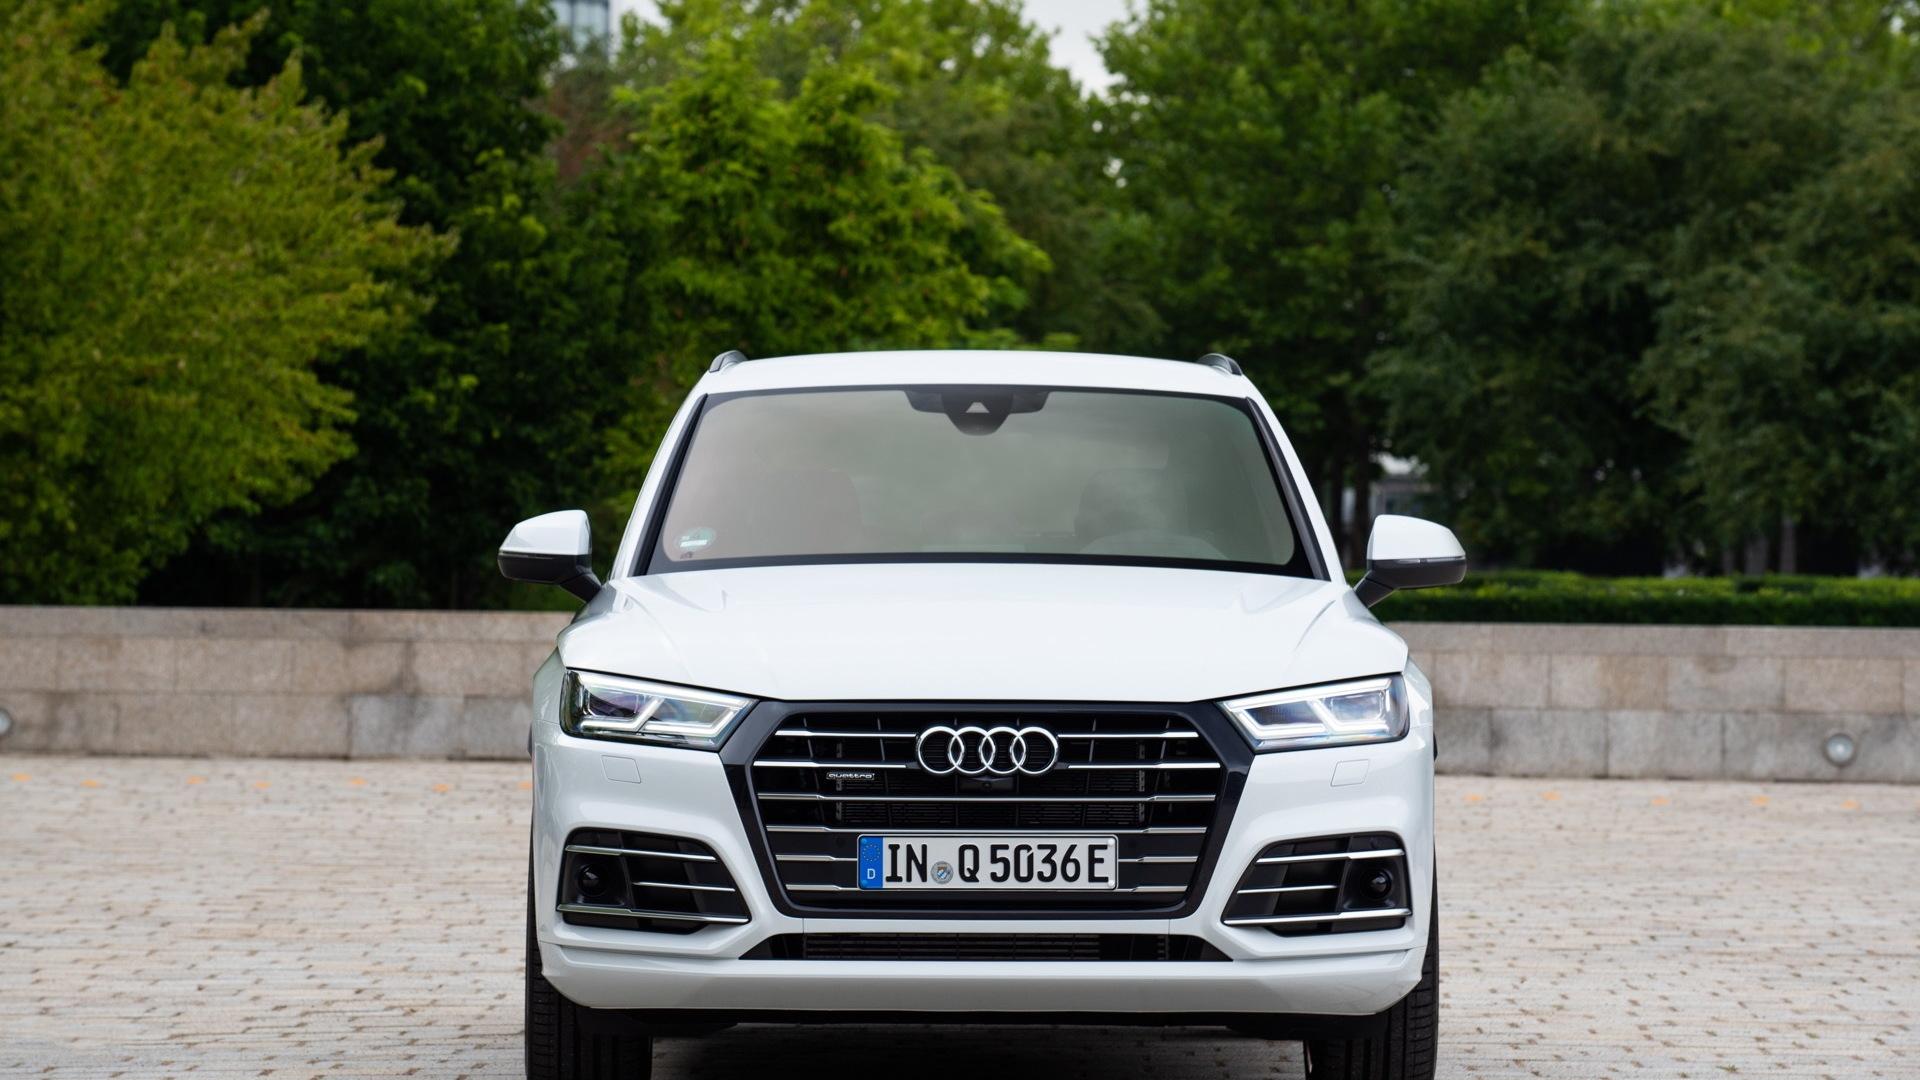 2020 Audi Q5 plug-in hybrid (Euro-spec)